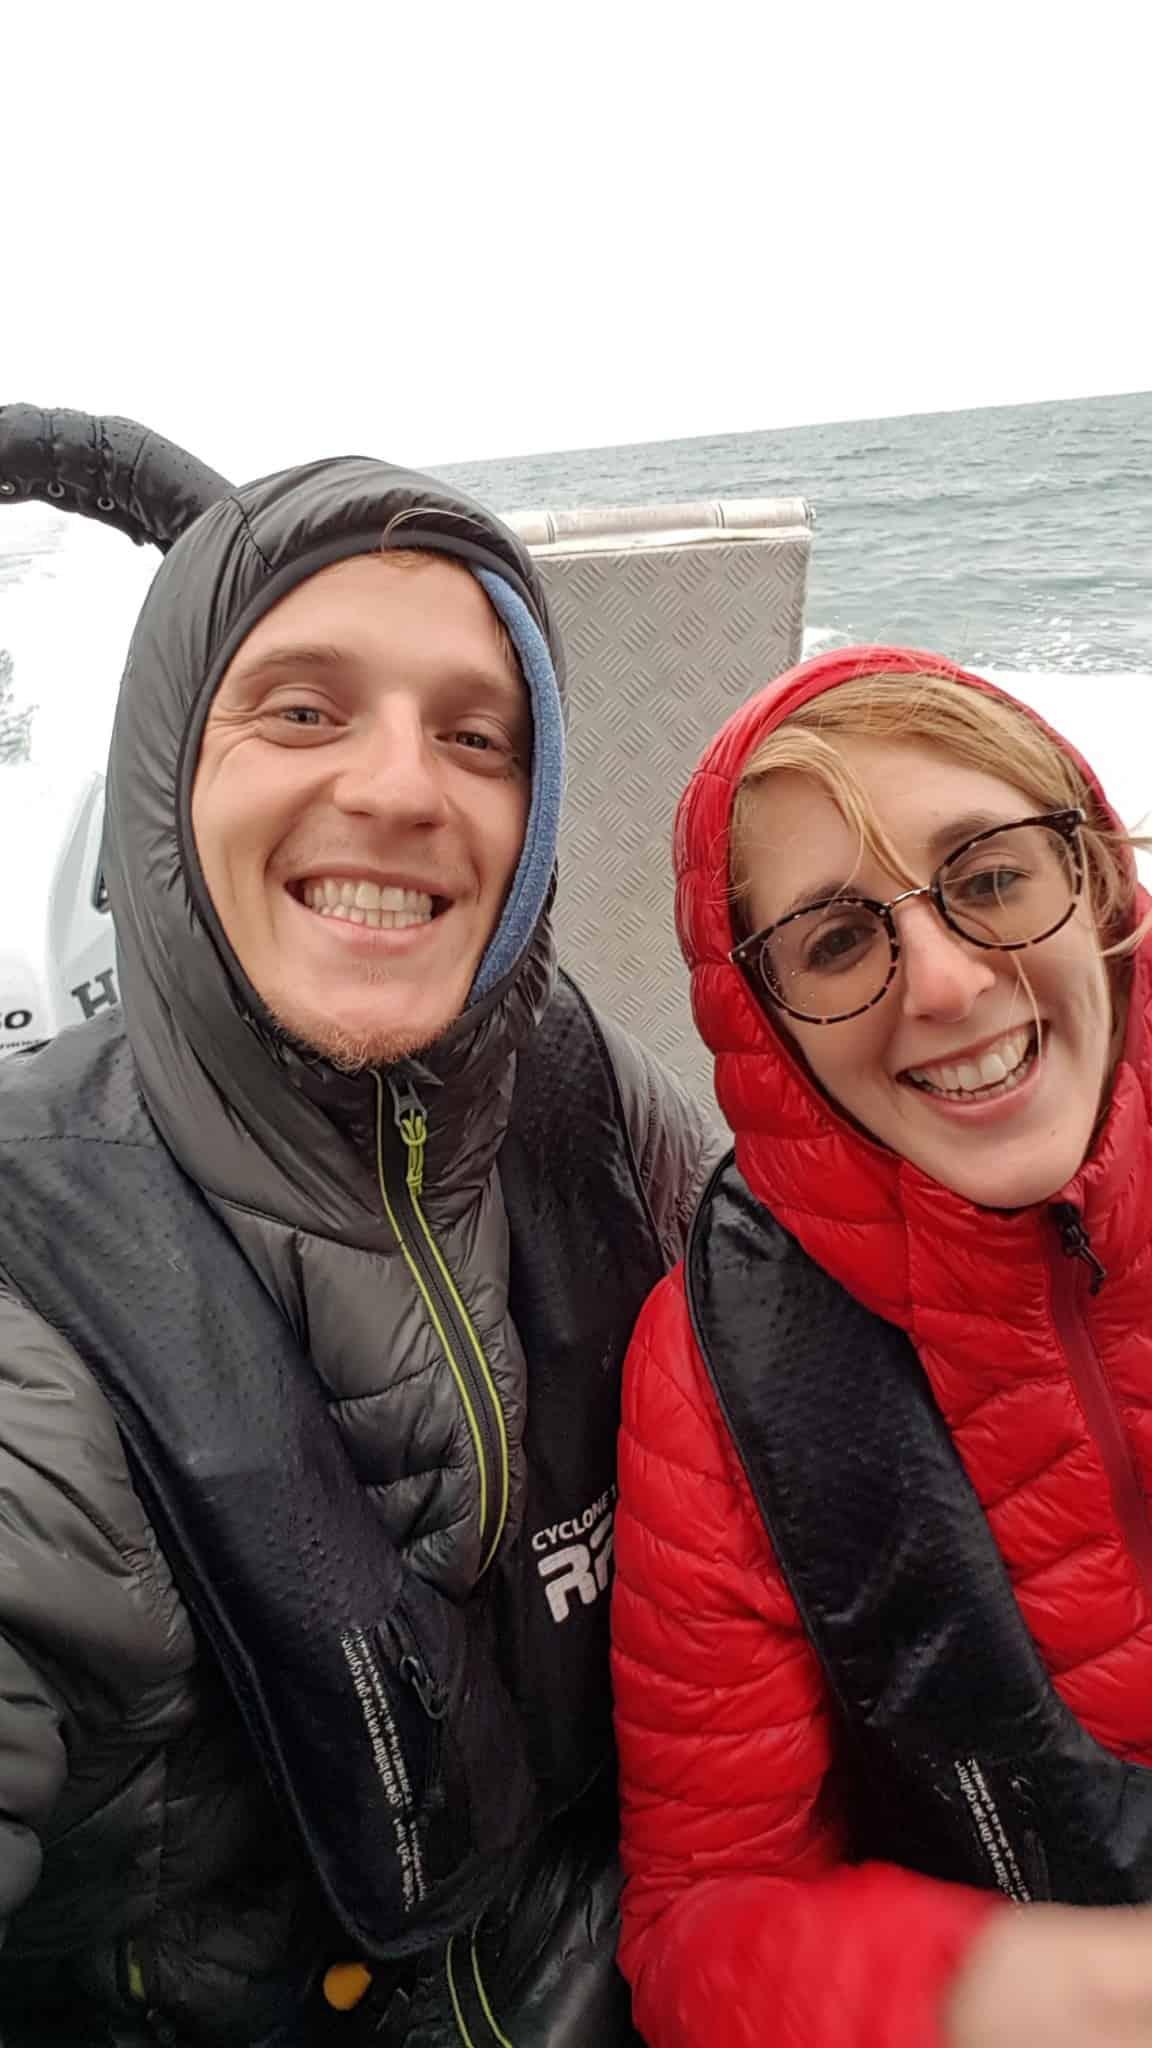 Nouvelle-Zélande, 24 km de randonnée sous la pluie dans le parc d'Abel Tasman 🌧 31